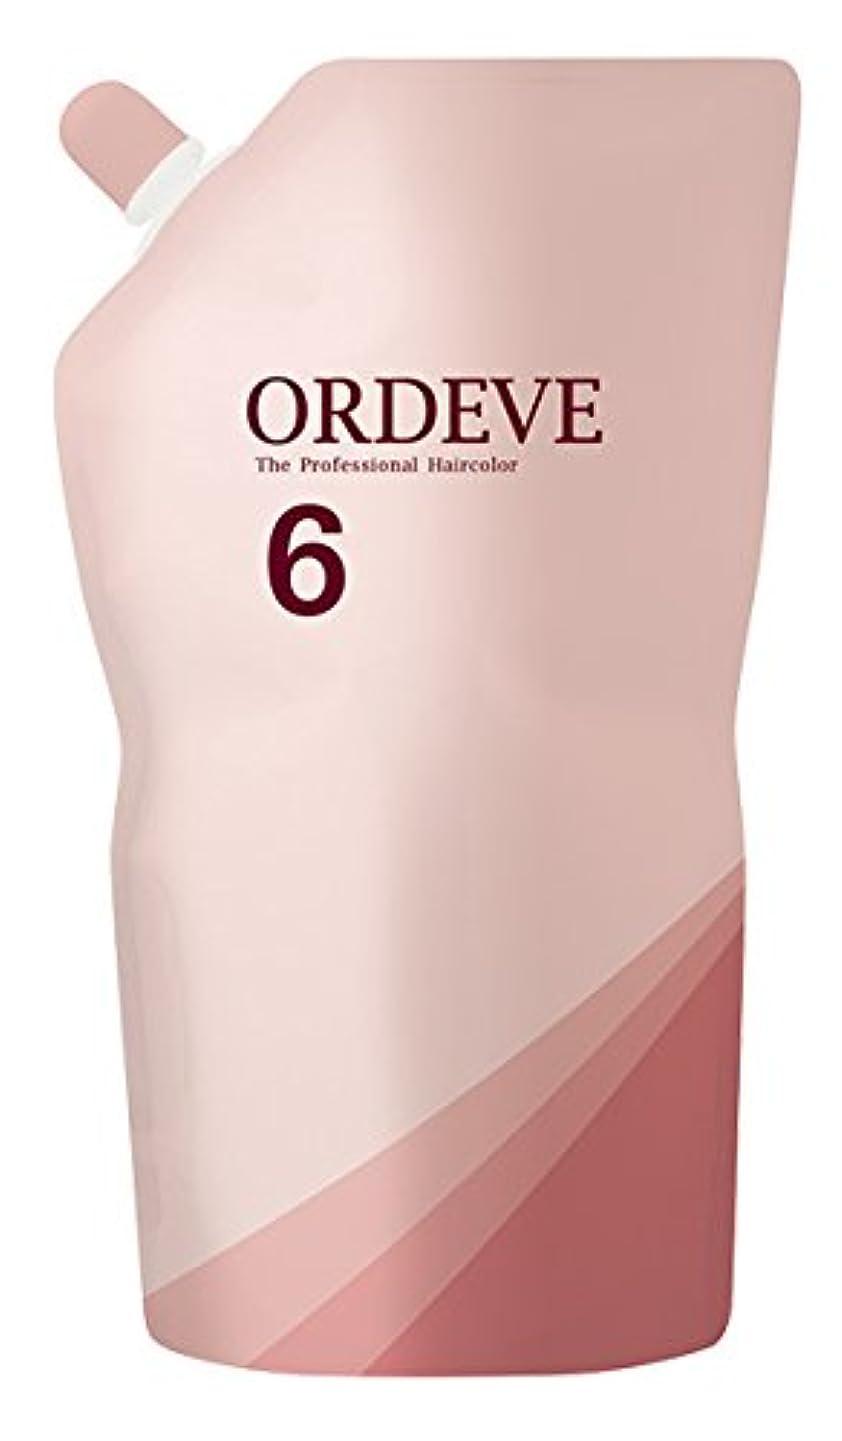 動機肘掛け椅子未亡人ORDEVE(オルディーブ) ヘアカラー 第2剤 OX(オキシダン) 6% 1000ml